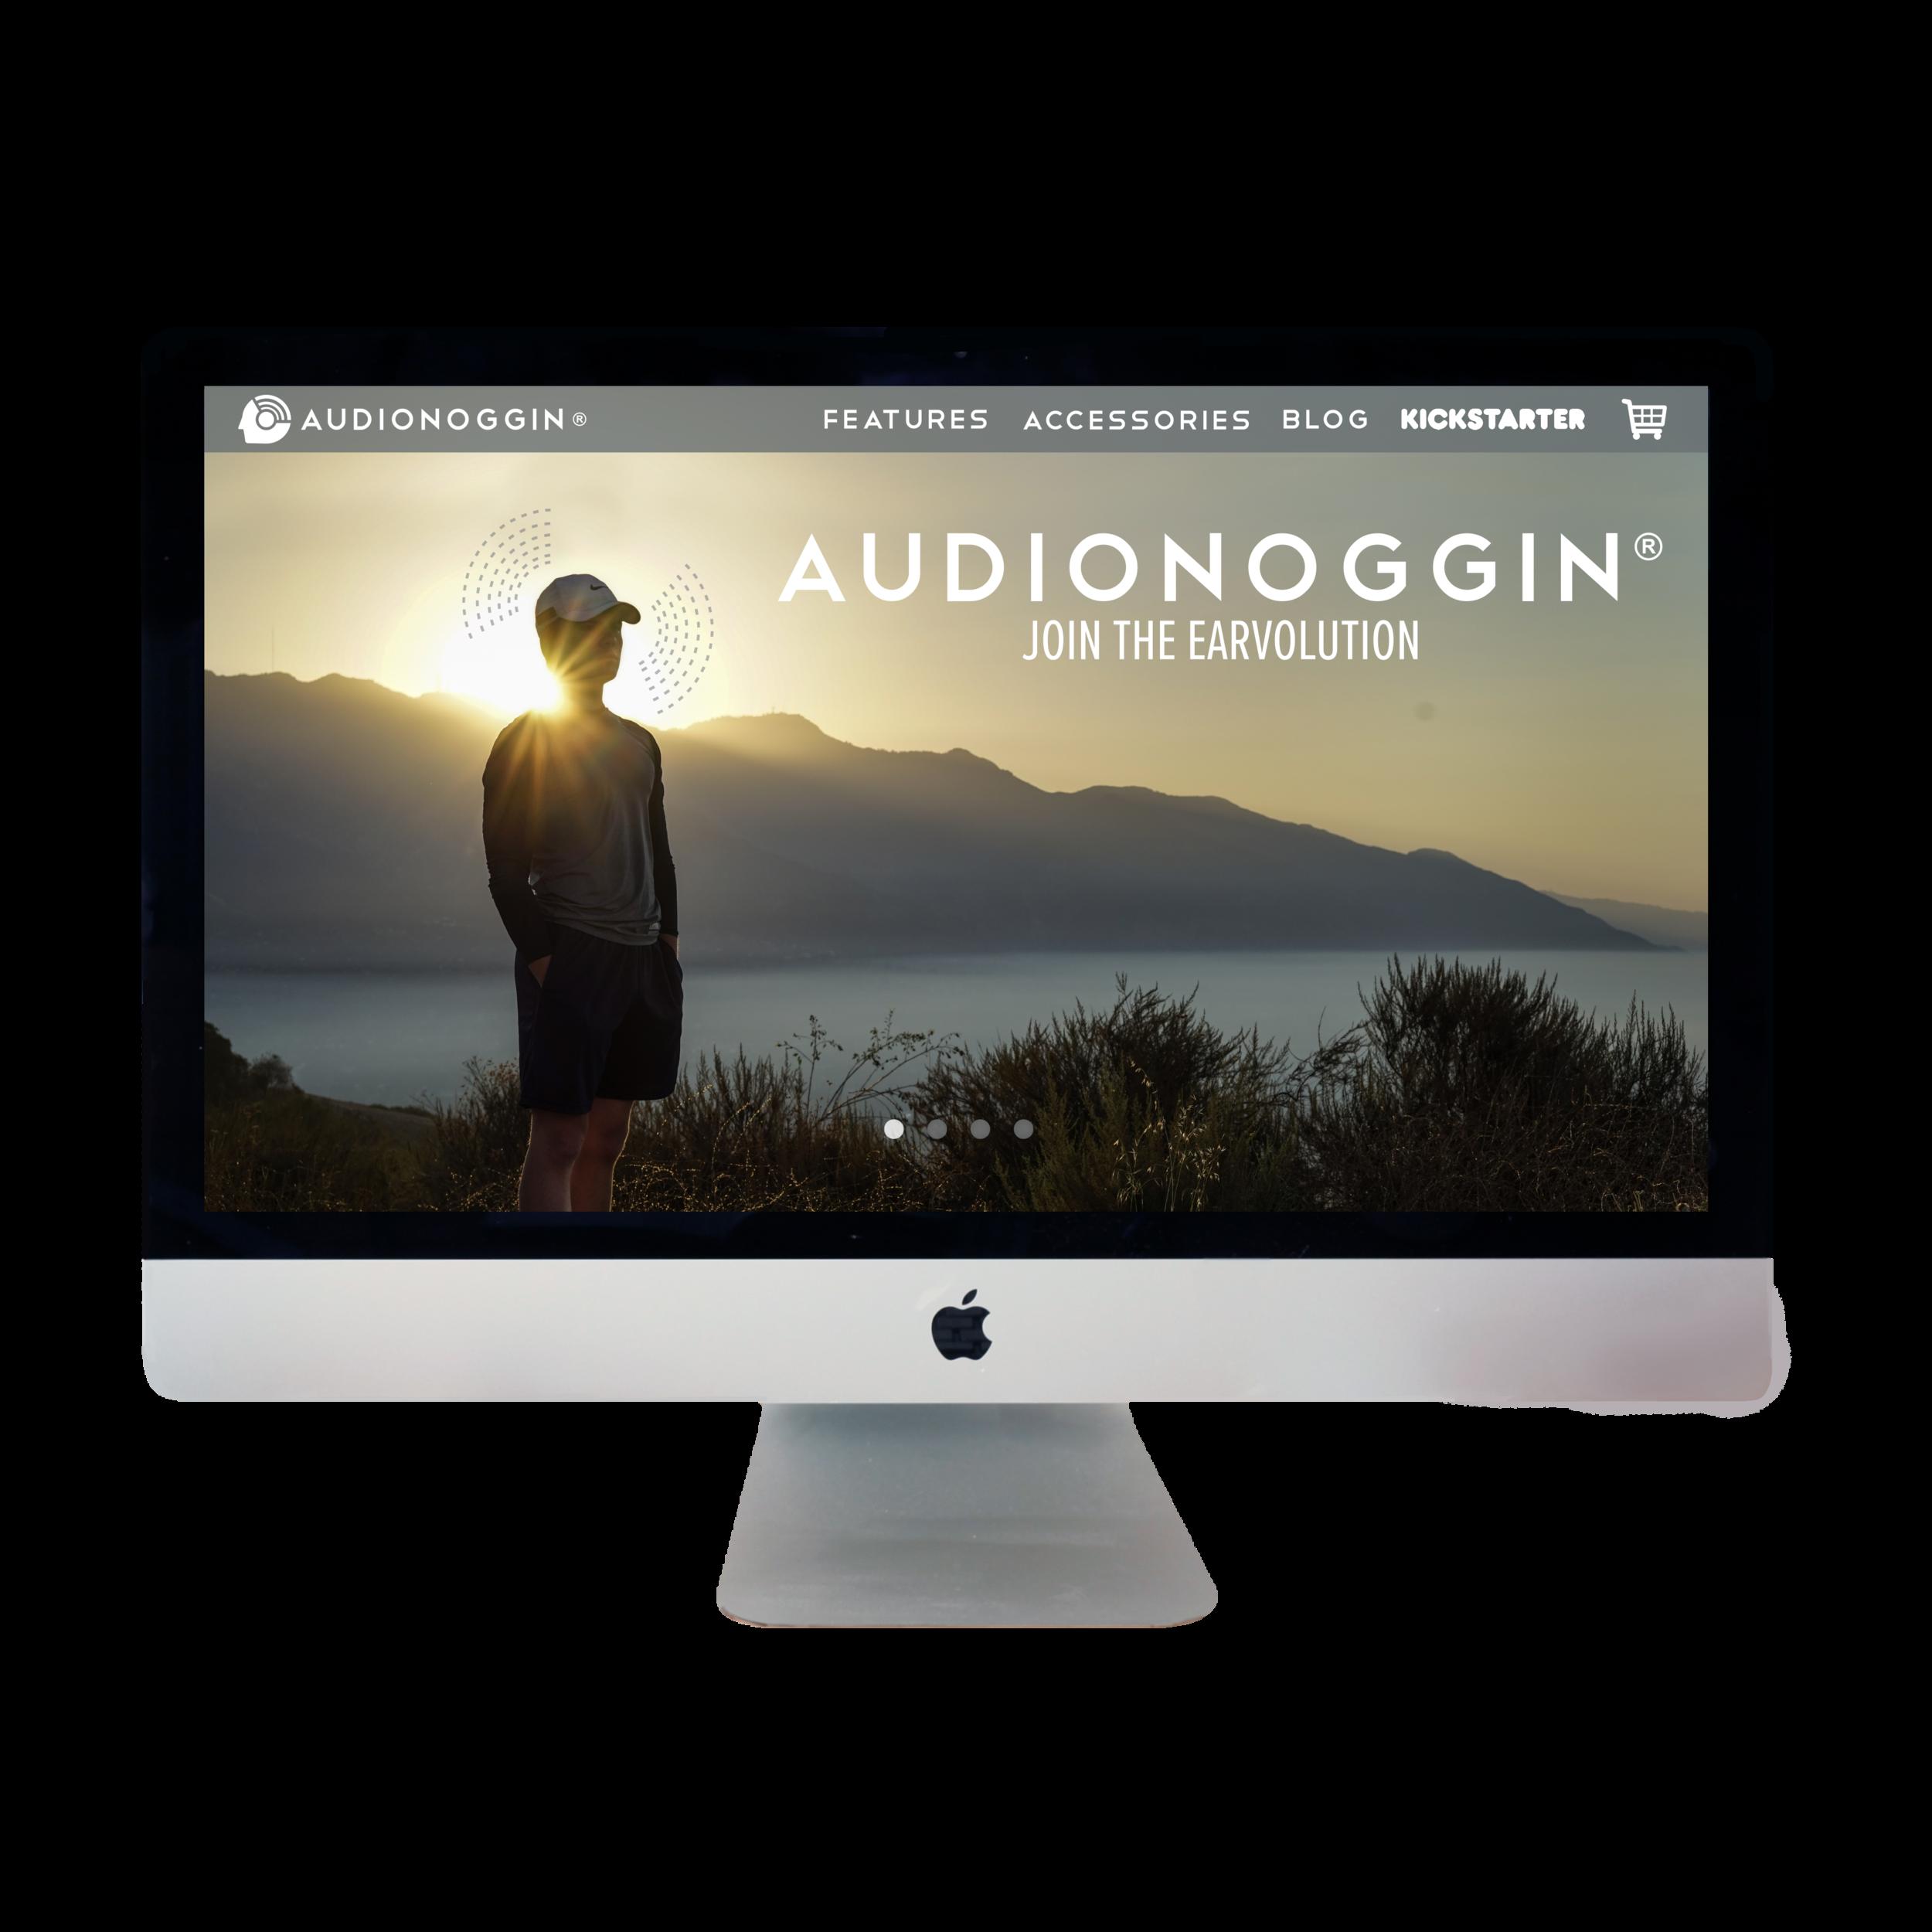 AudioNoggin